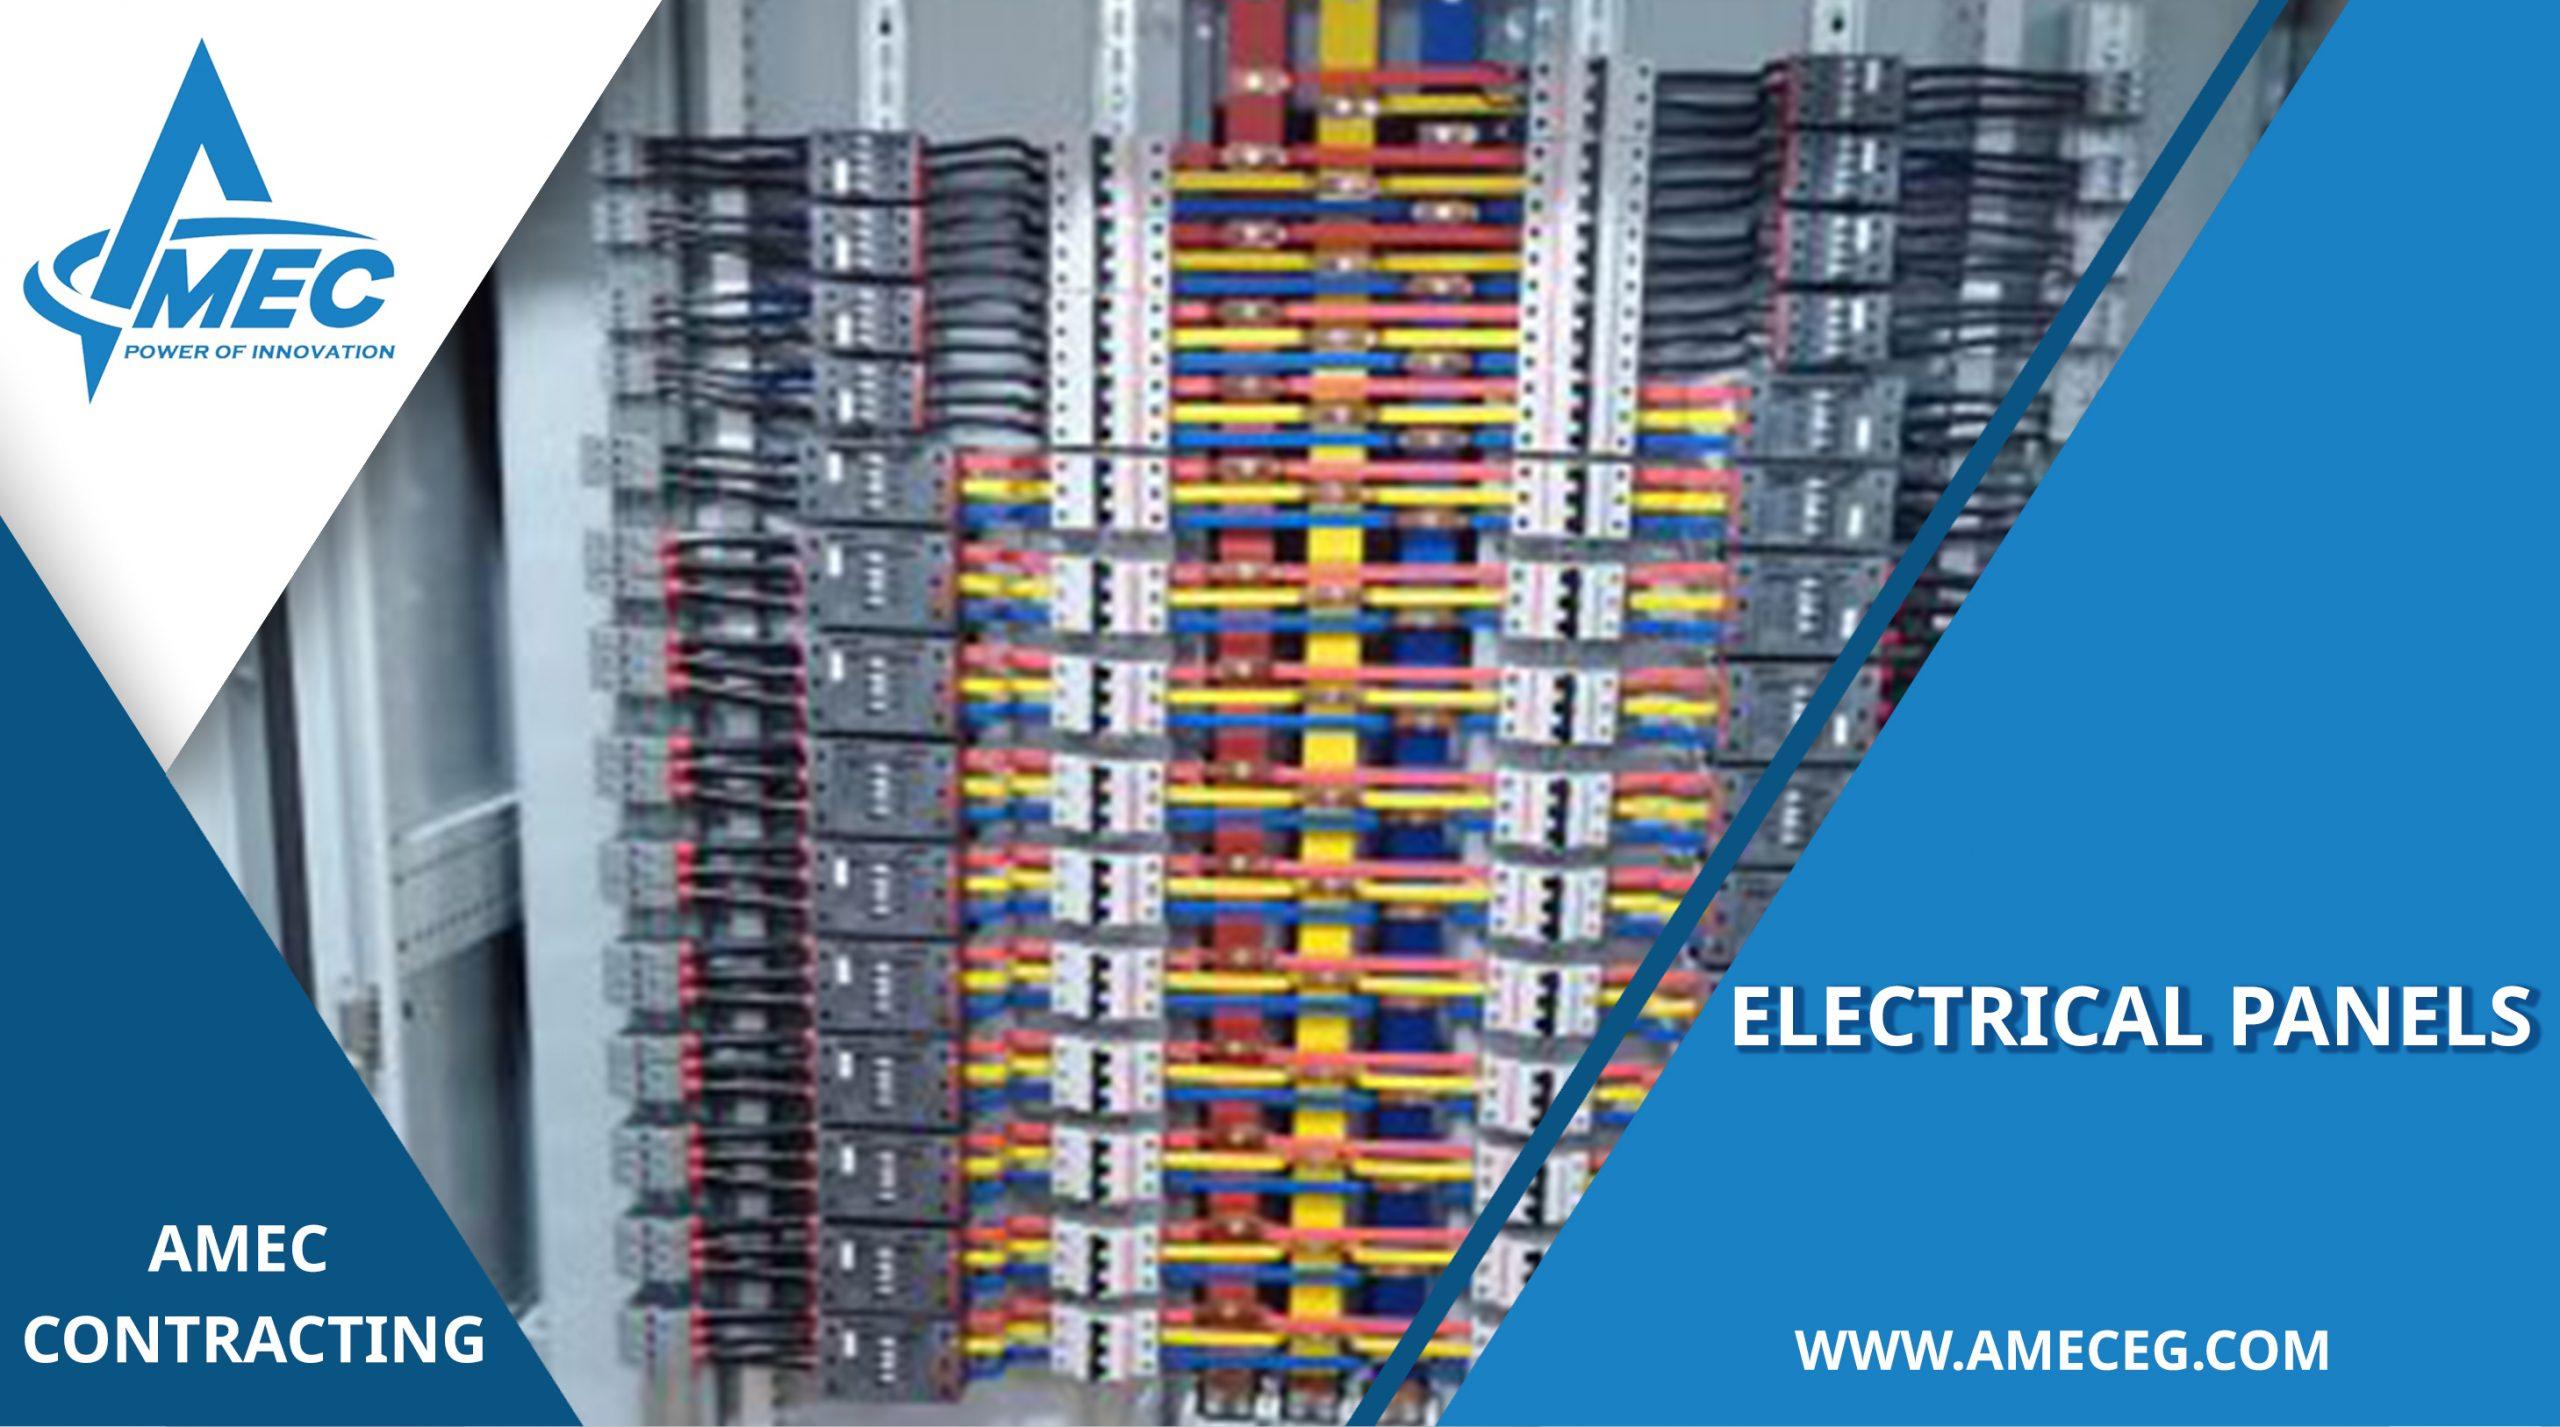 شركات تصنيع لوحات الكهرباء في مصر